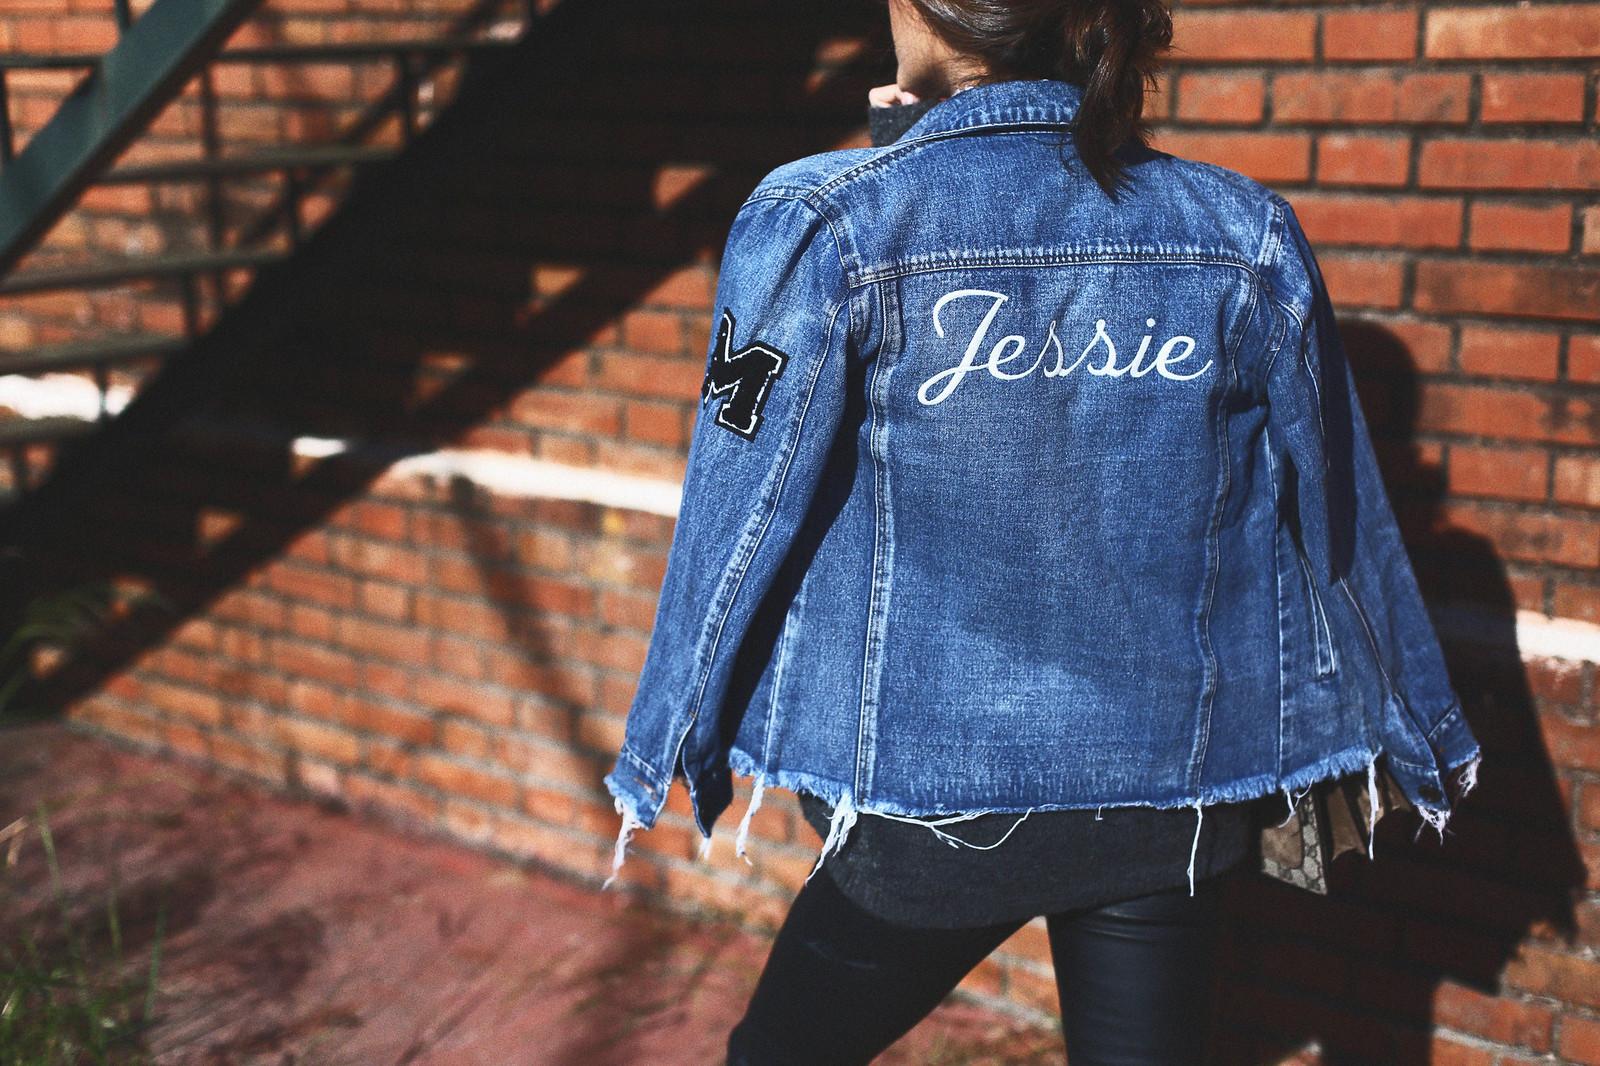 jessie chanes - 2